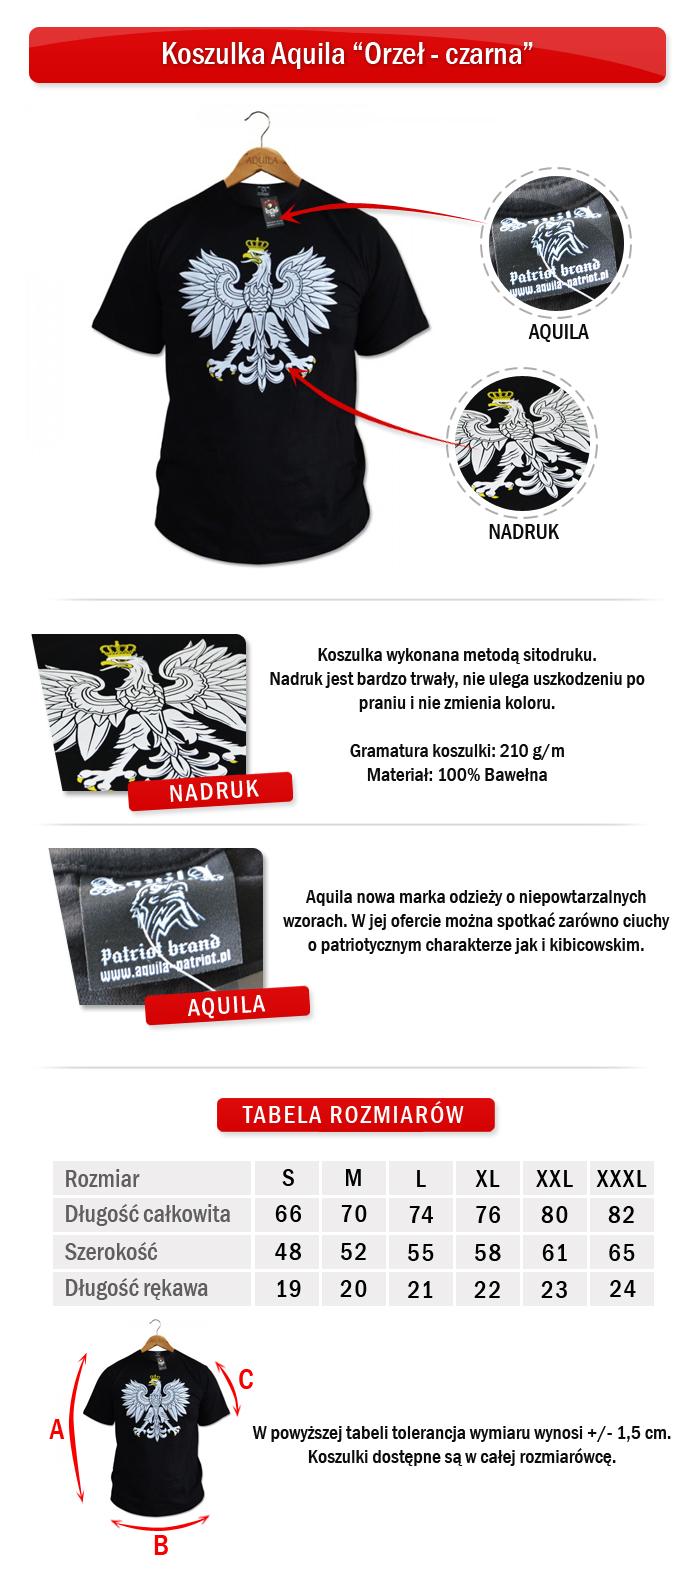 koszulka-aquila-orzel-czarna-6